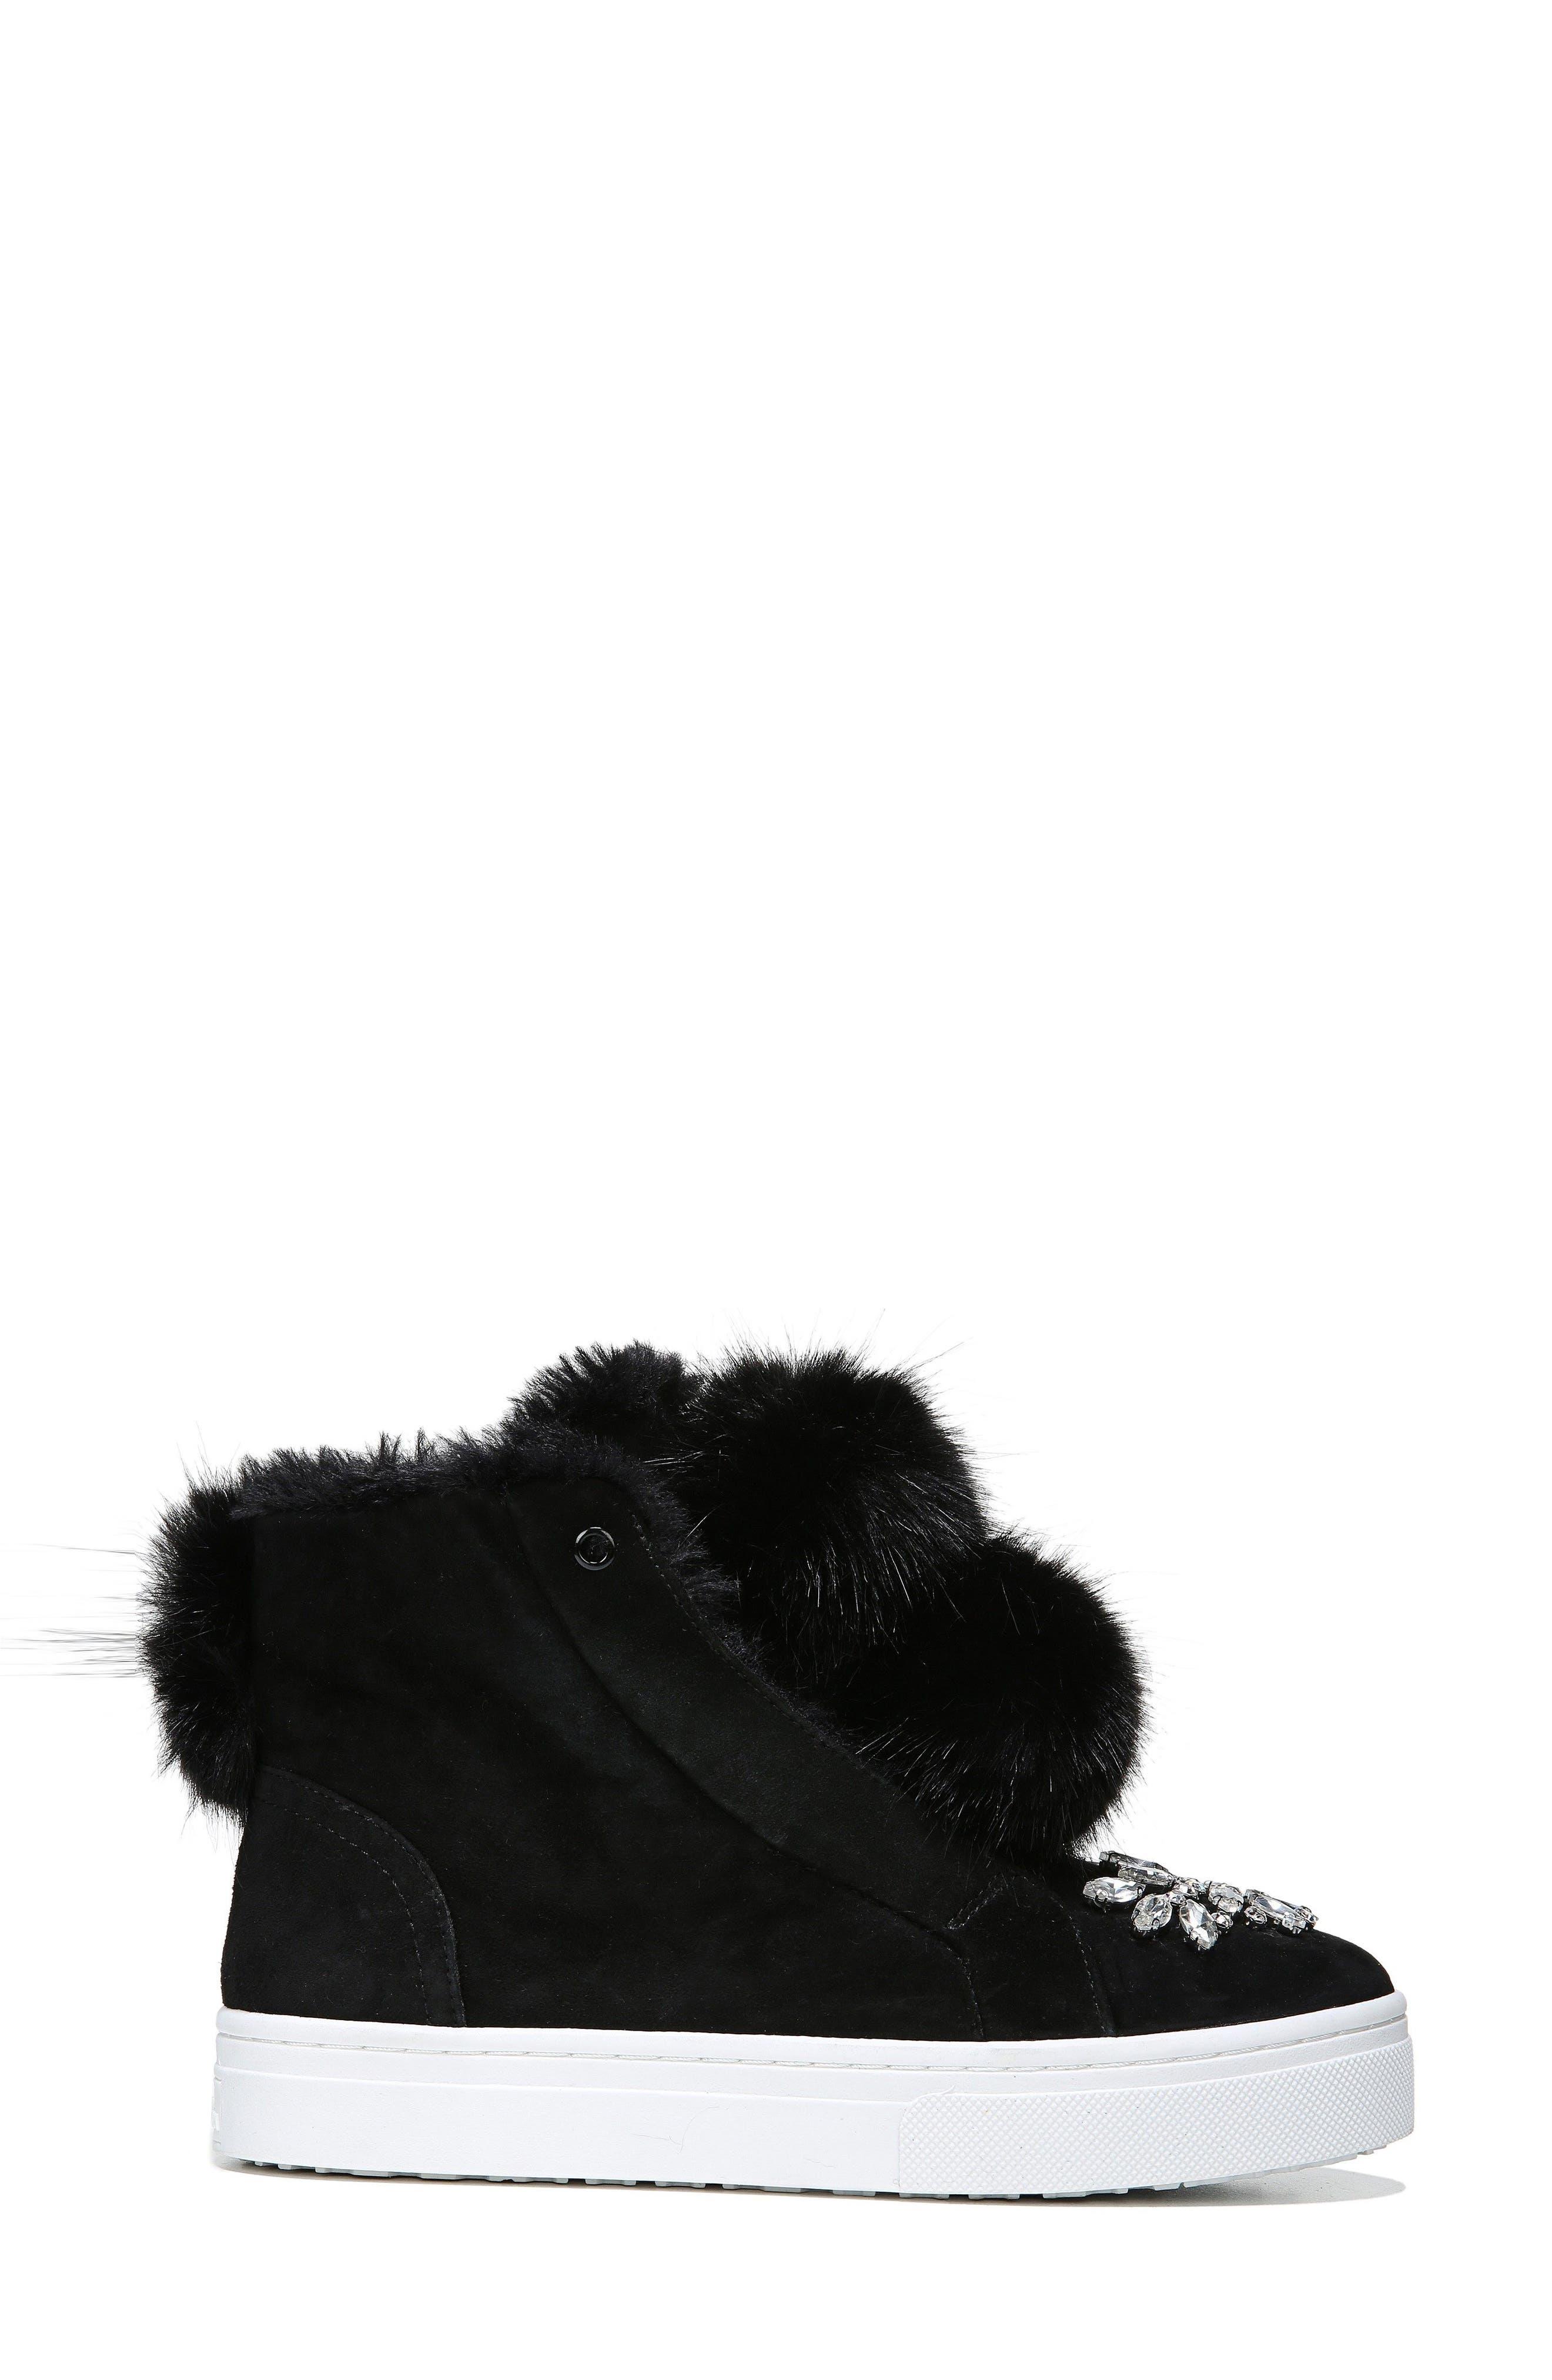 Leland Faux Fur Sneaker,                             Alternate thumbnail 2, color,                             Black Suede